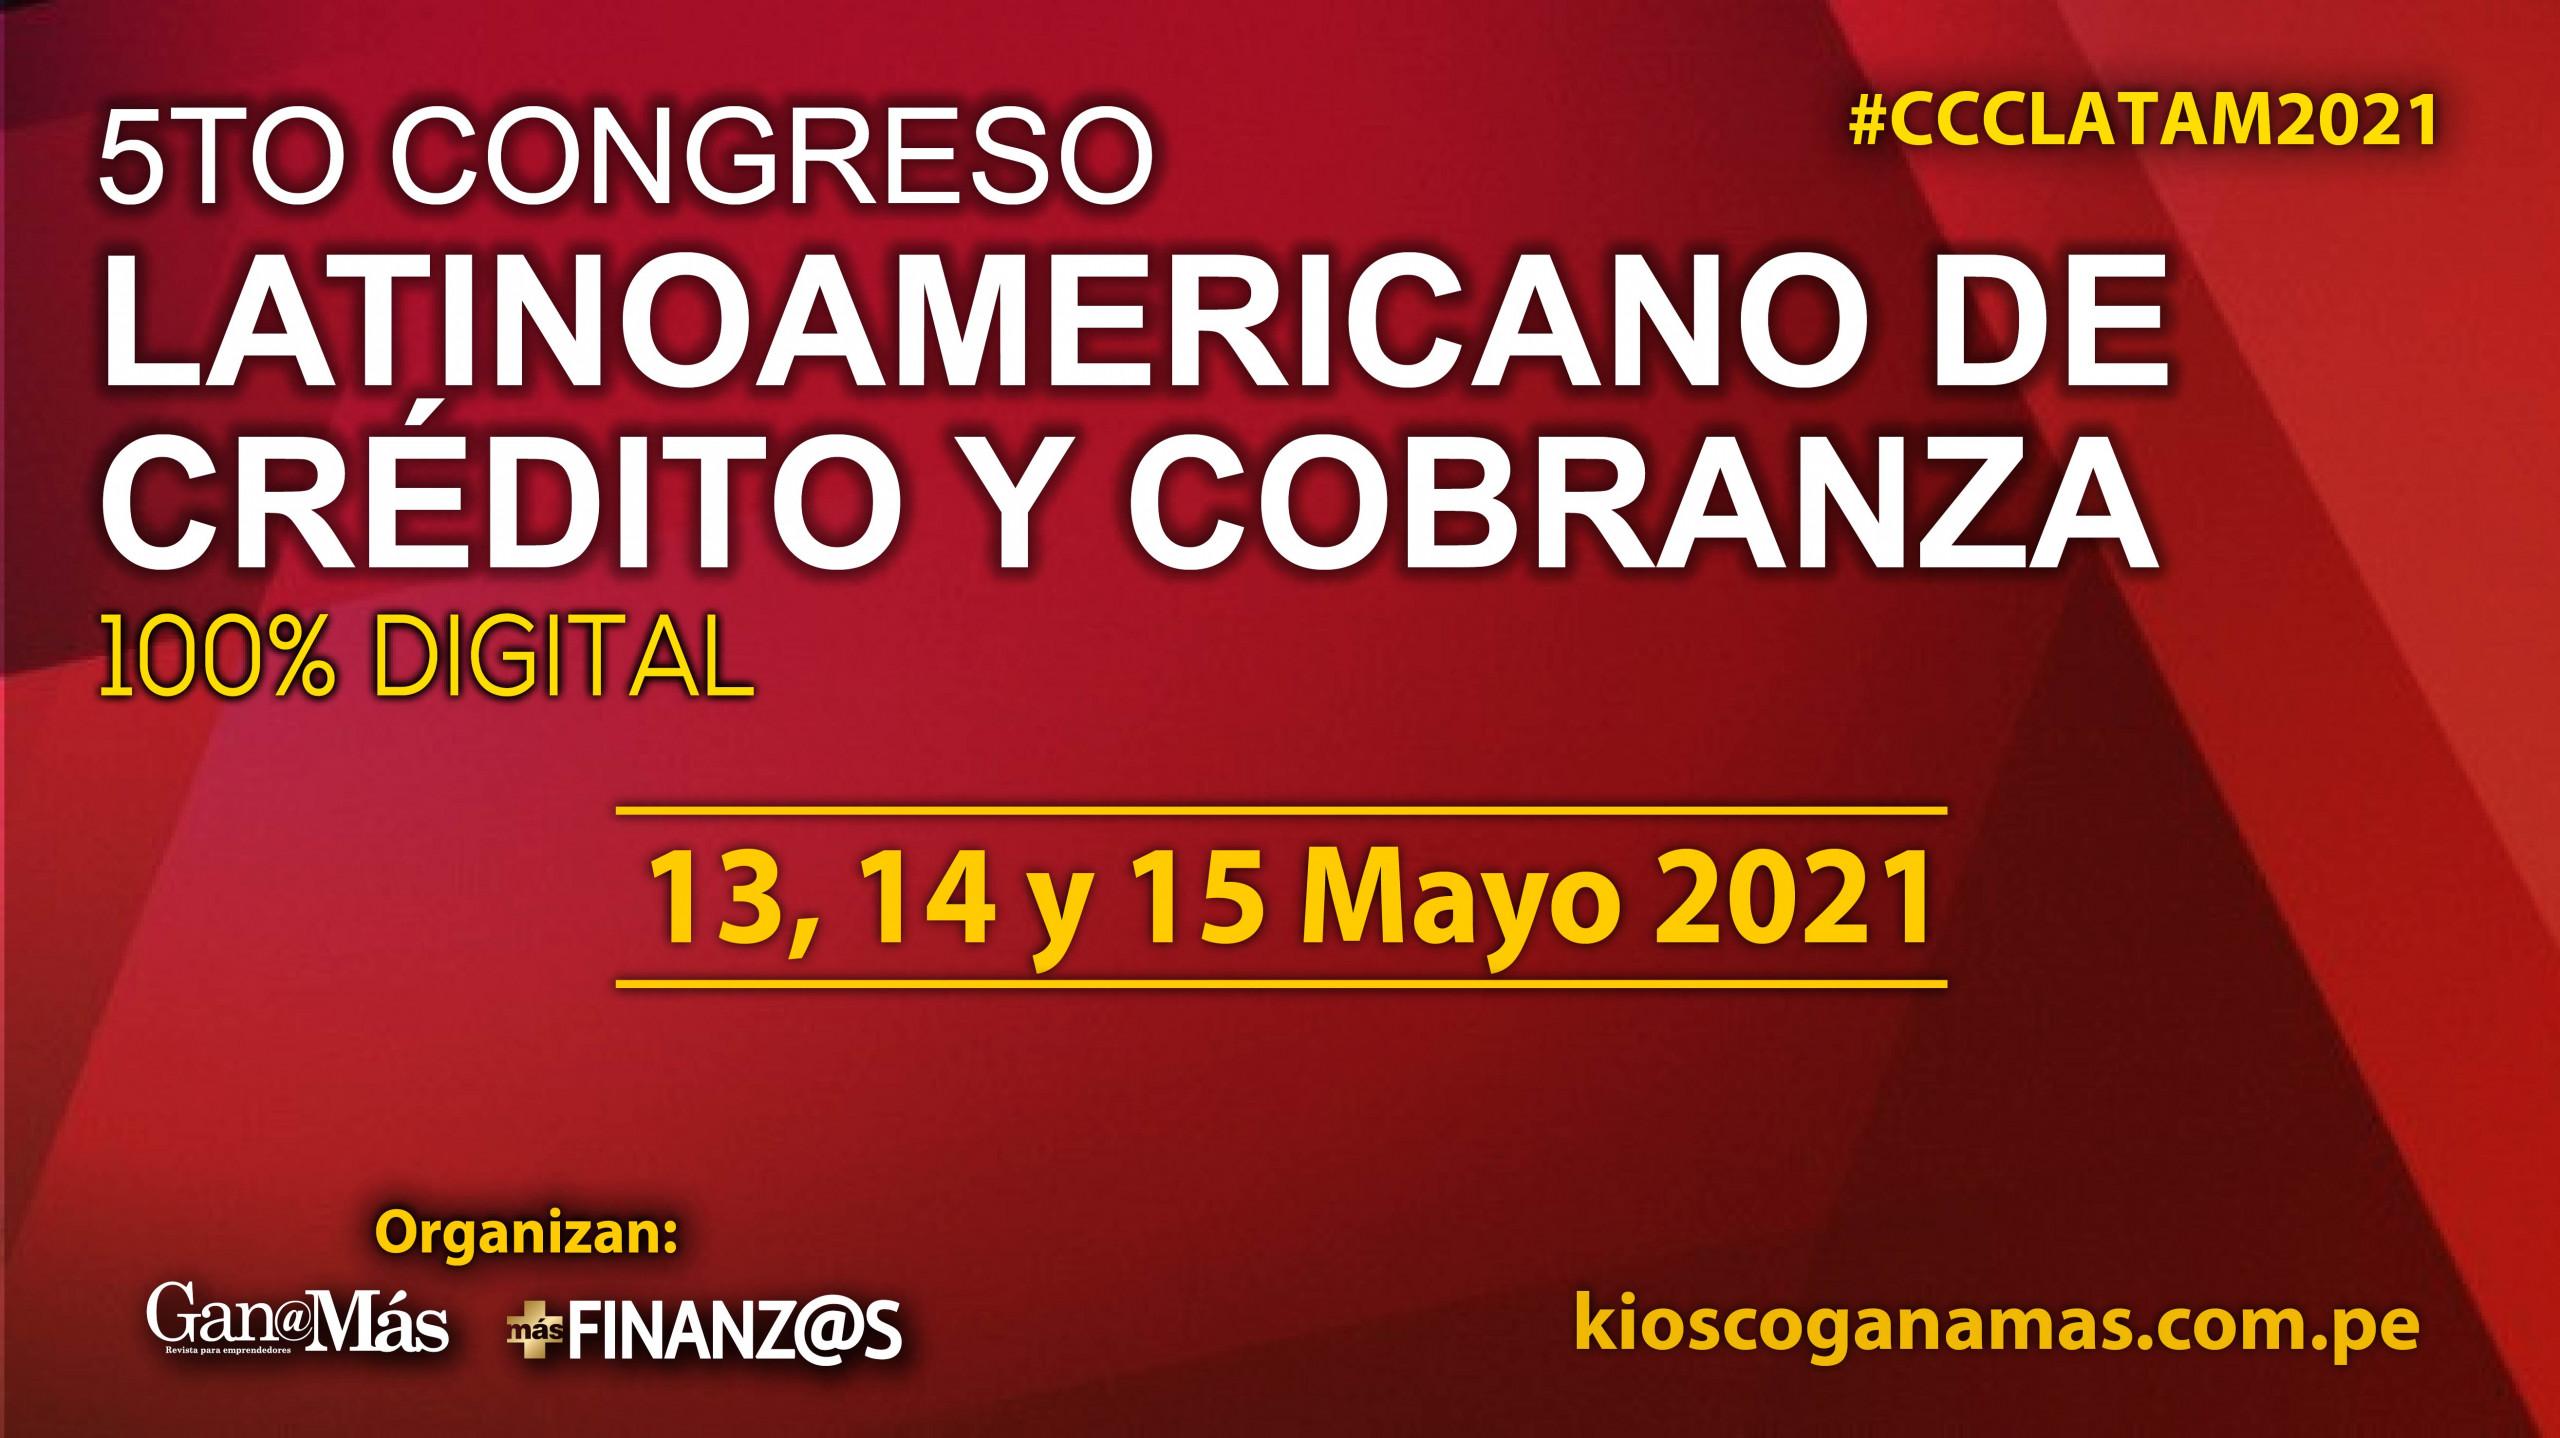 5to Congreso Latinoamericano de Crédito y Cobranza